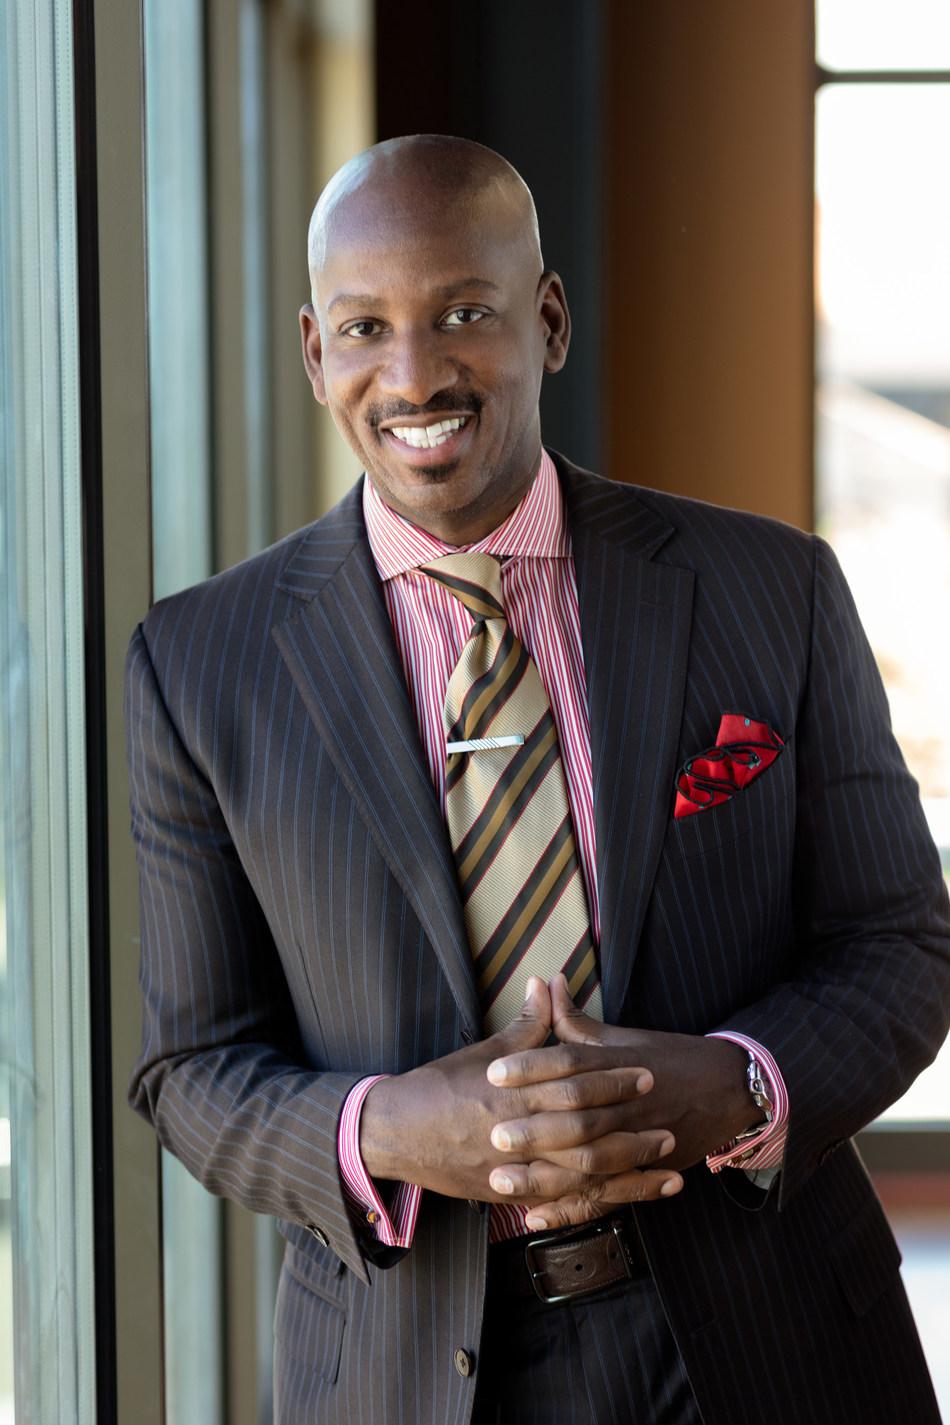 Irvin Bishop, Jr., vicepresidente ejecutivo de planificación digital y estratégica de Young Living Essential Oils (PRNewsfoto/Young Living Essential Oils)